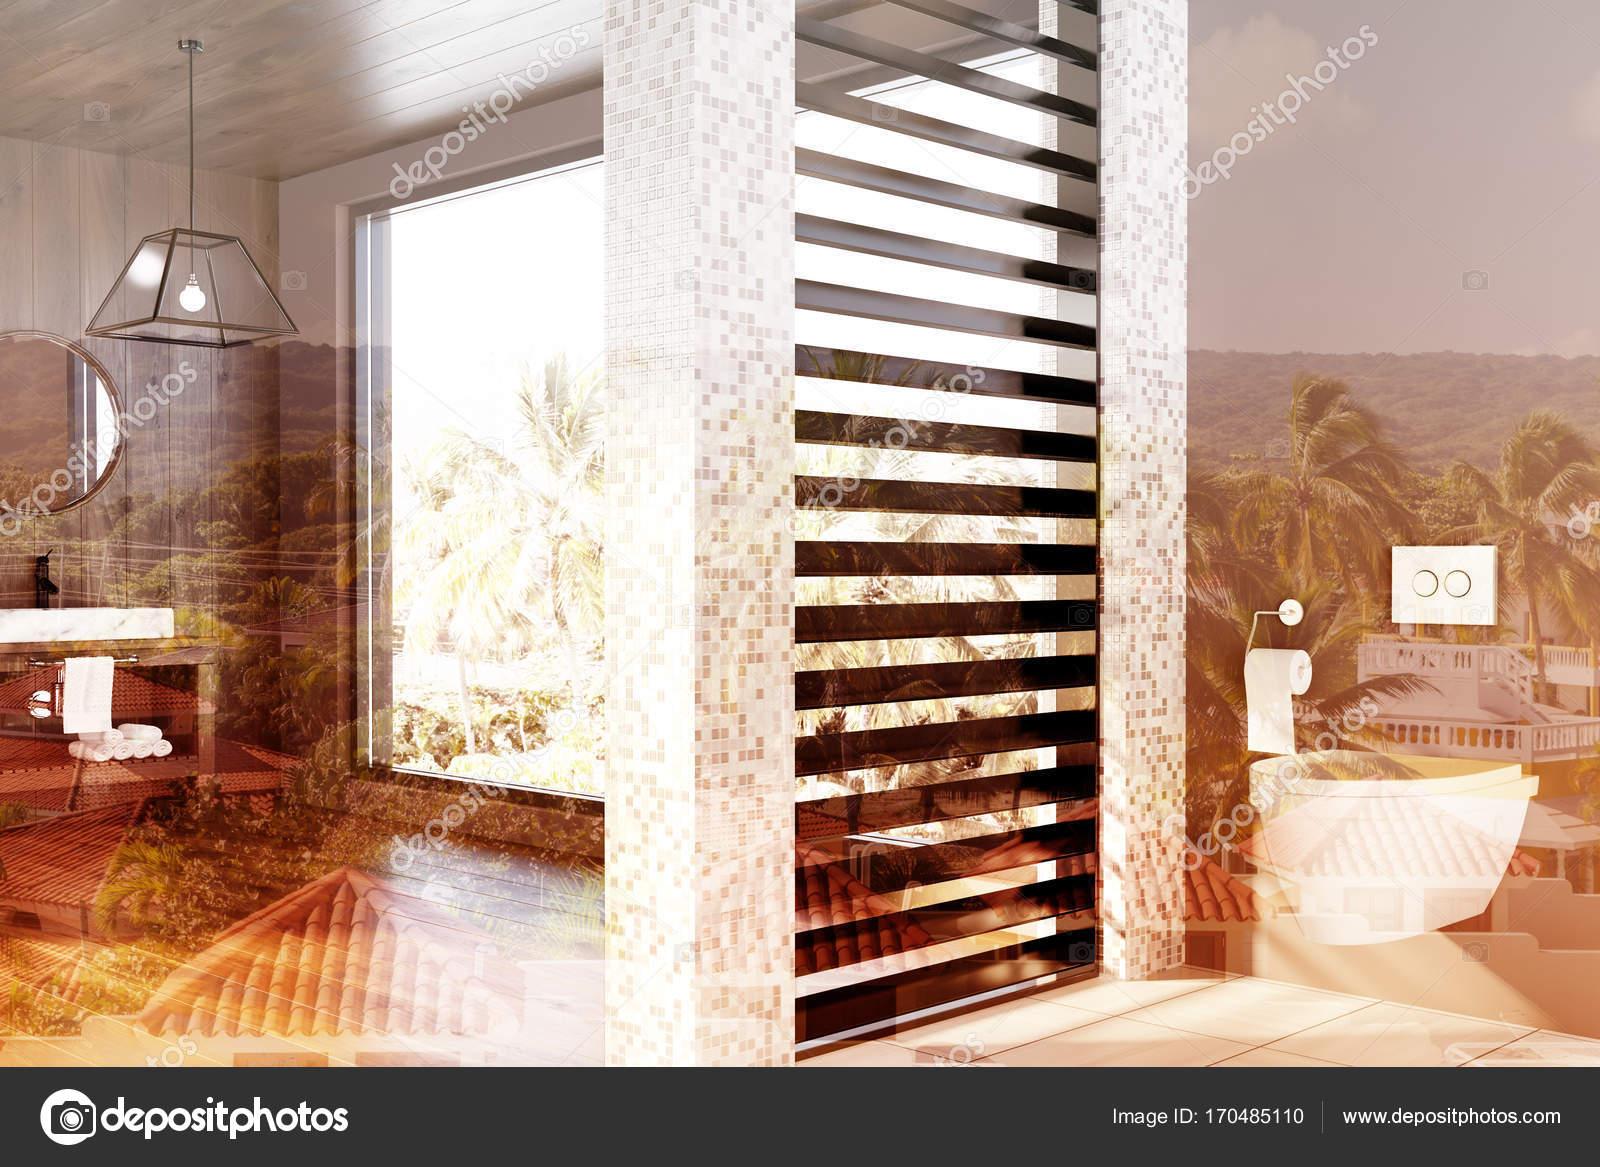 Bianco piastrelle bagno in legno lavabo wc doppio u foto stock